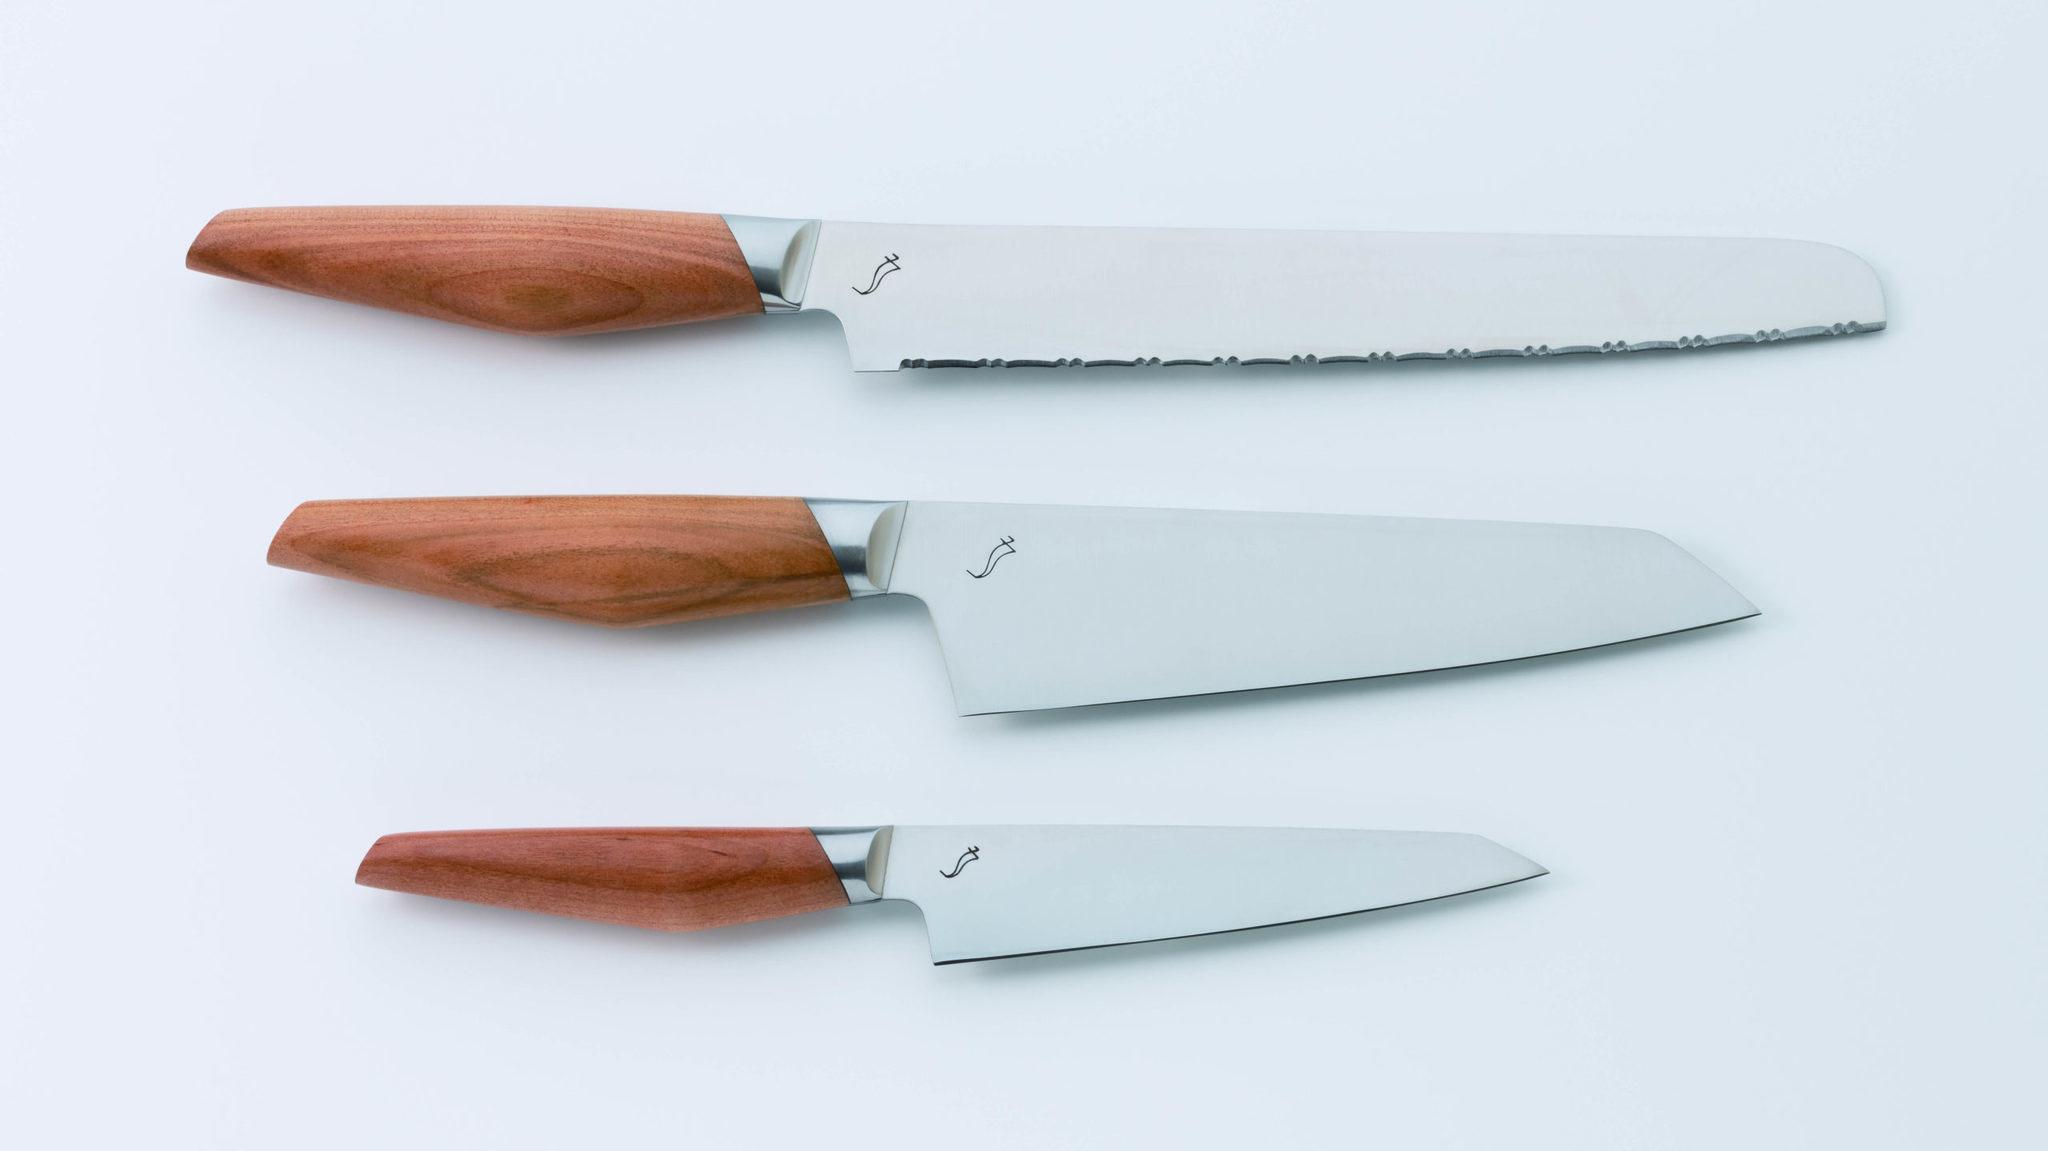 Набор кухонных ножей Kasane, Kasumi, SCS-Set, сталь Molybdenum Vanadium, вишня